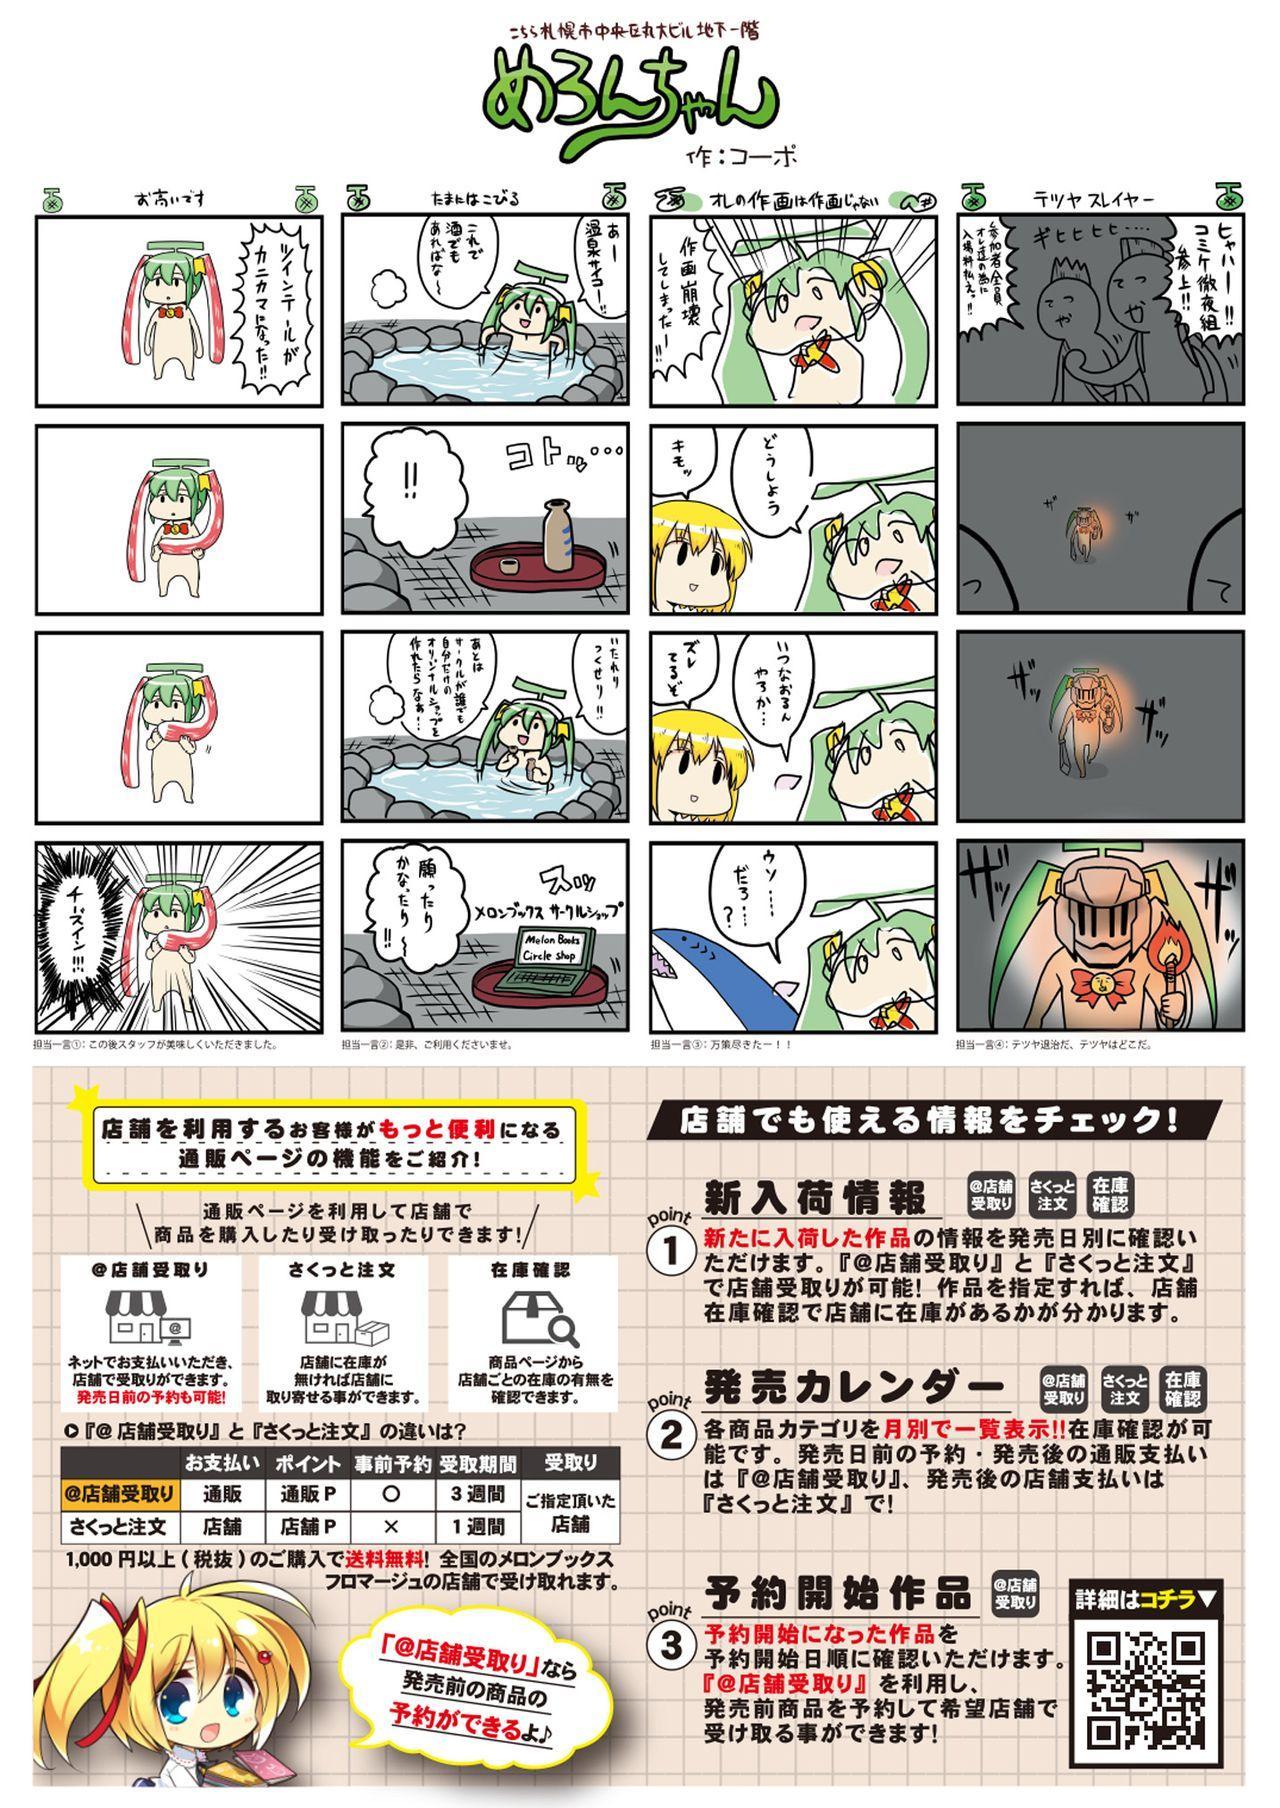 月刊うりぼうざっか店 2018年11月25日発行号 38